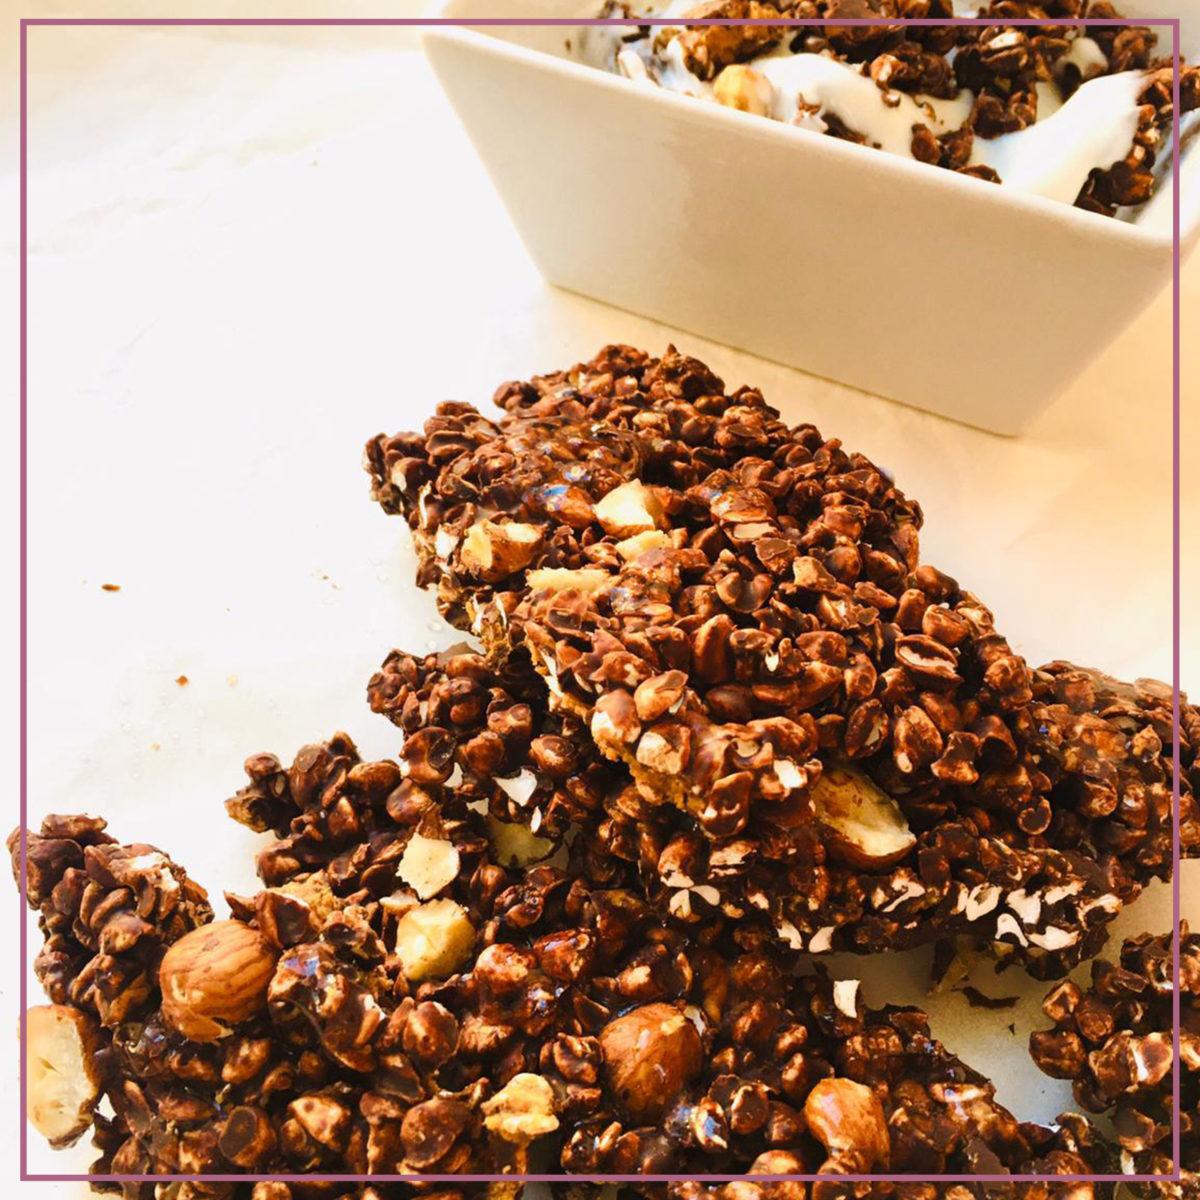 1-barrette-grano-saraceno-soffiato-o-riso-soffiato-cioccolato-fondente-nocciole-tostate-1200x1200.jpg